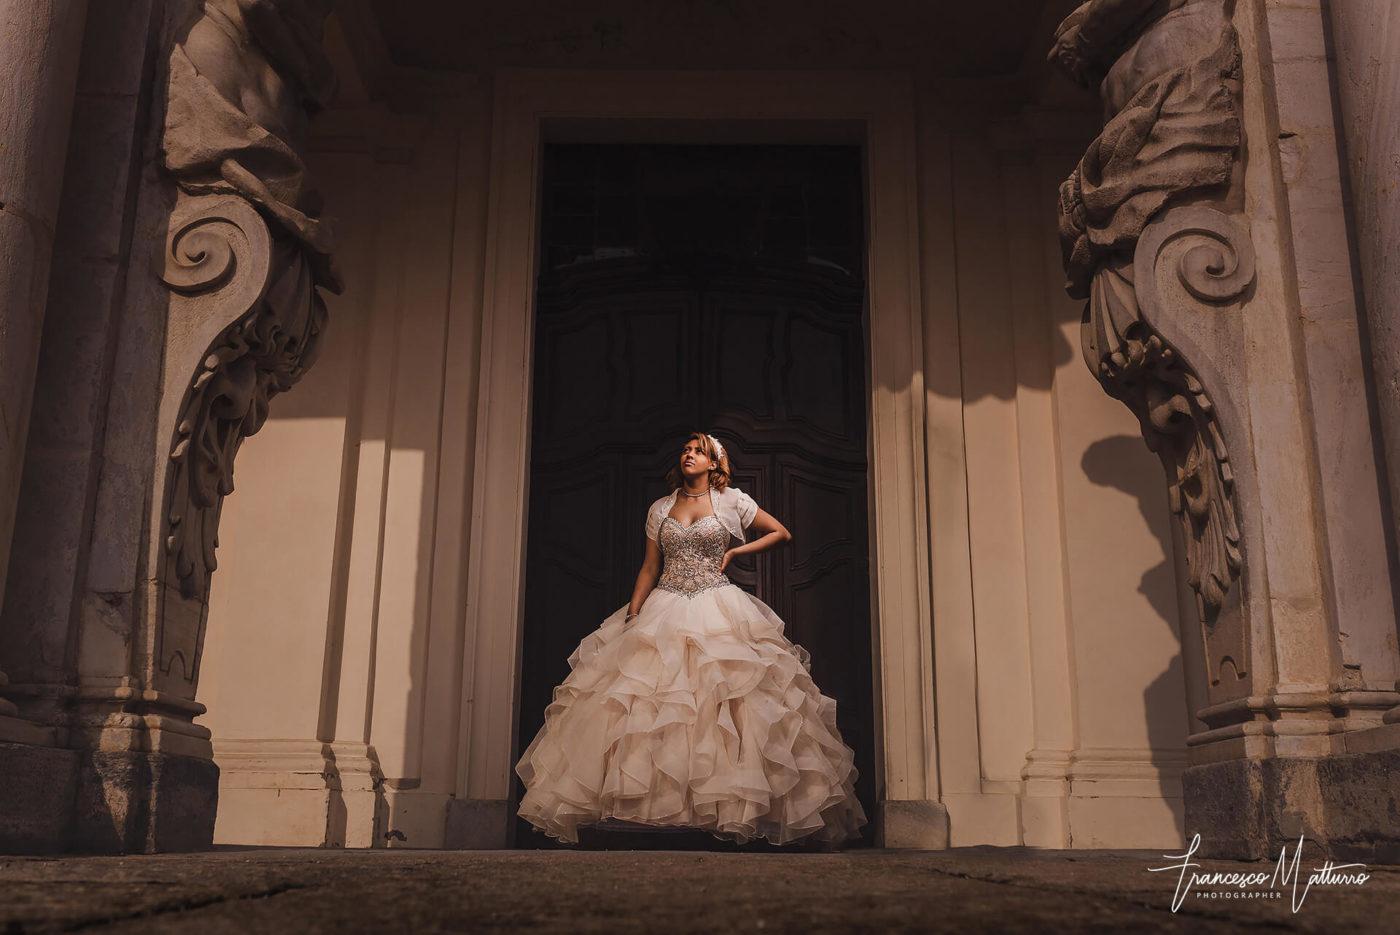 Servizi fotografici per negozi atelier sposa sposi vestiti ed abiti editoriali catalogo ad Asti